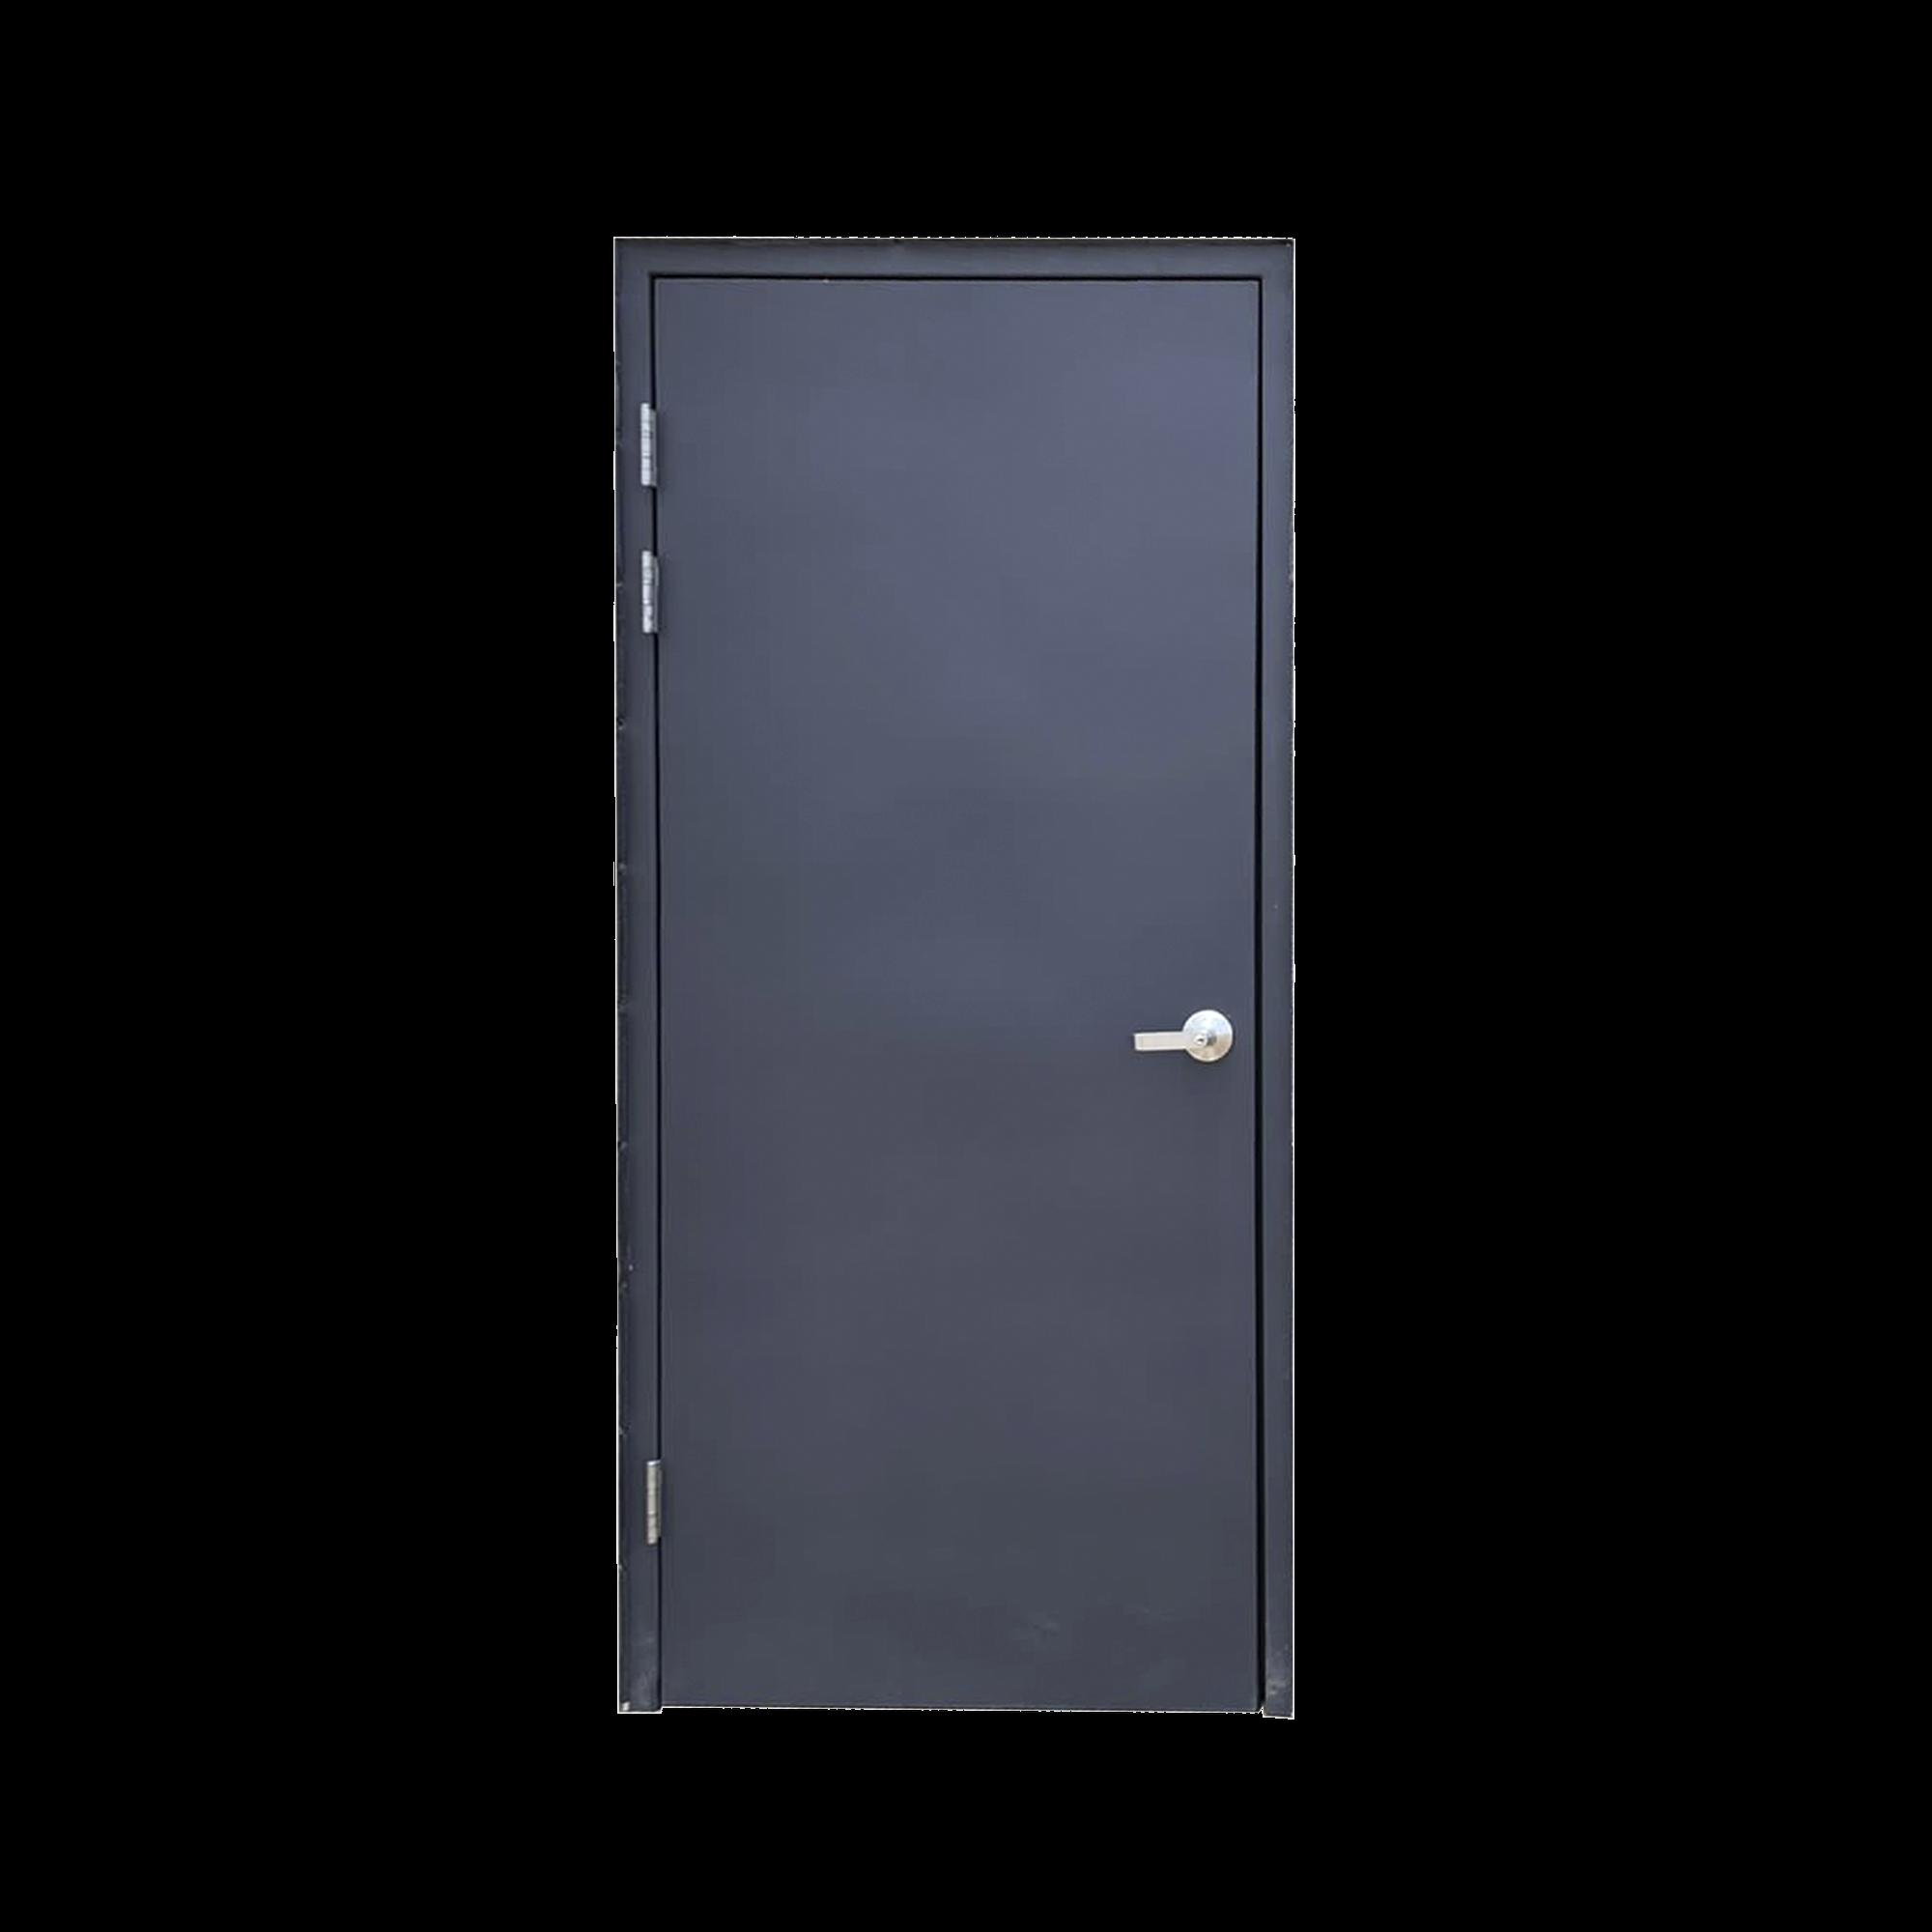 Puerta Ciega Nivel IV (Fusil de Asalto AK47, Granada de Fragmentación).